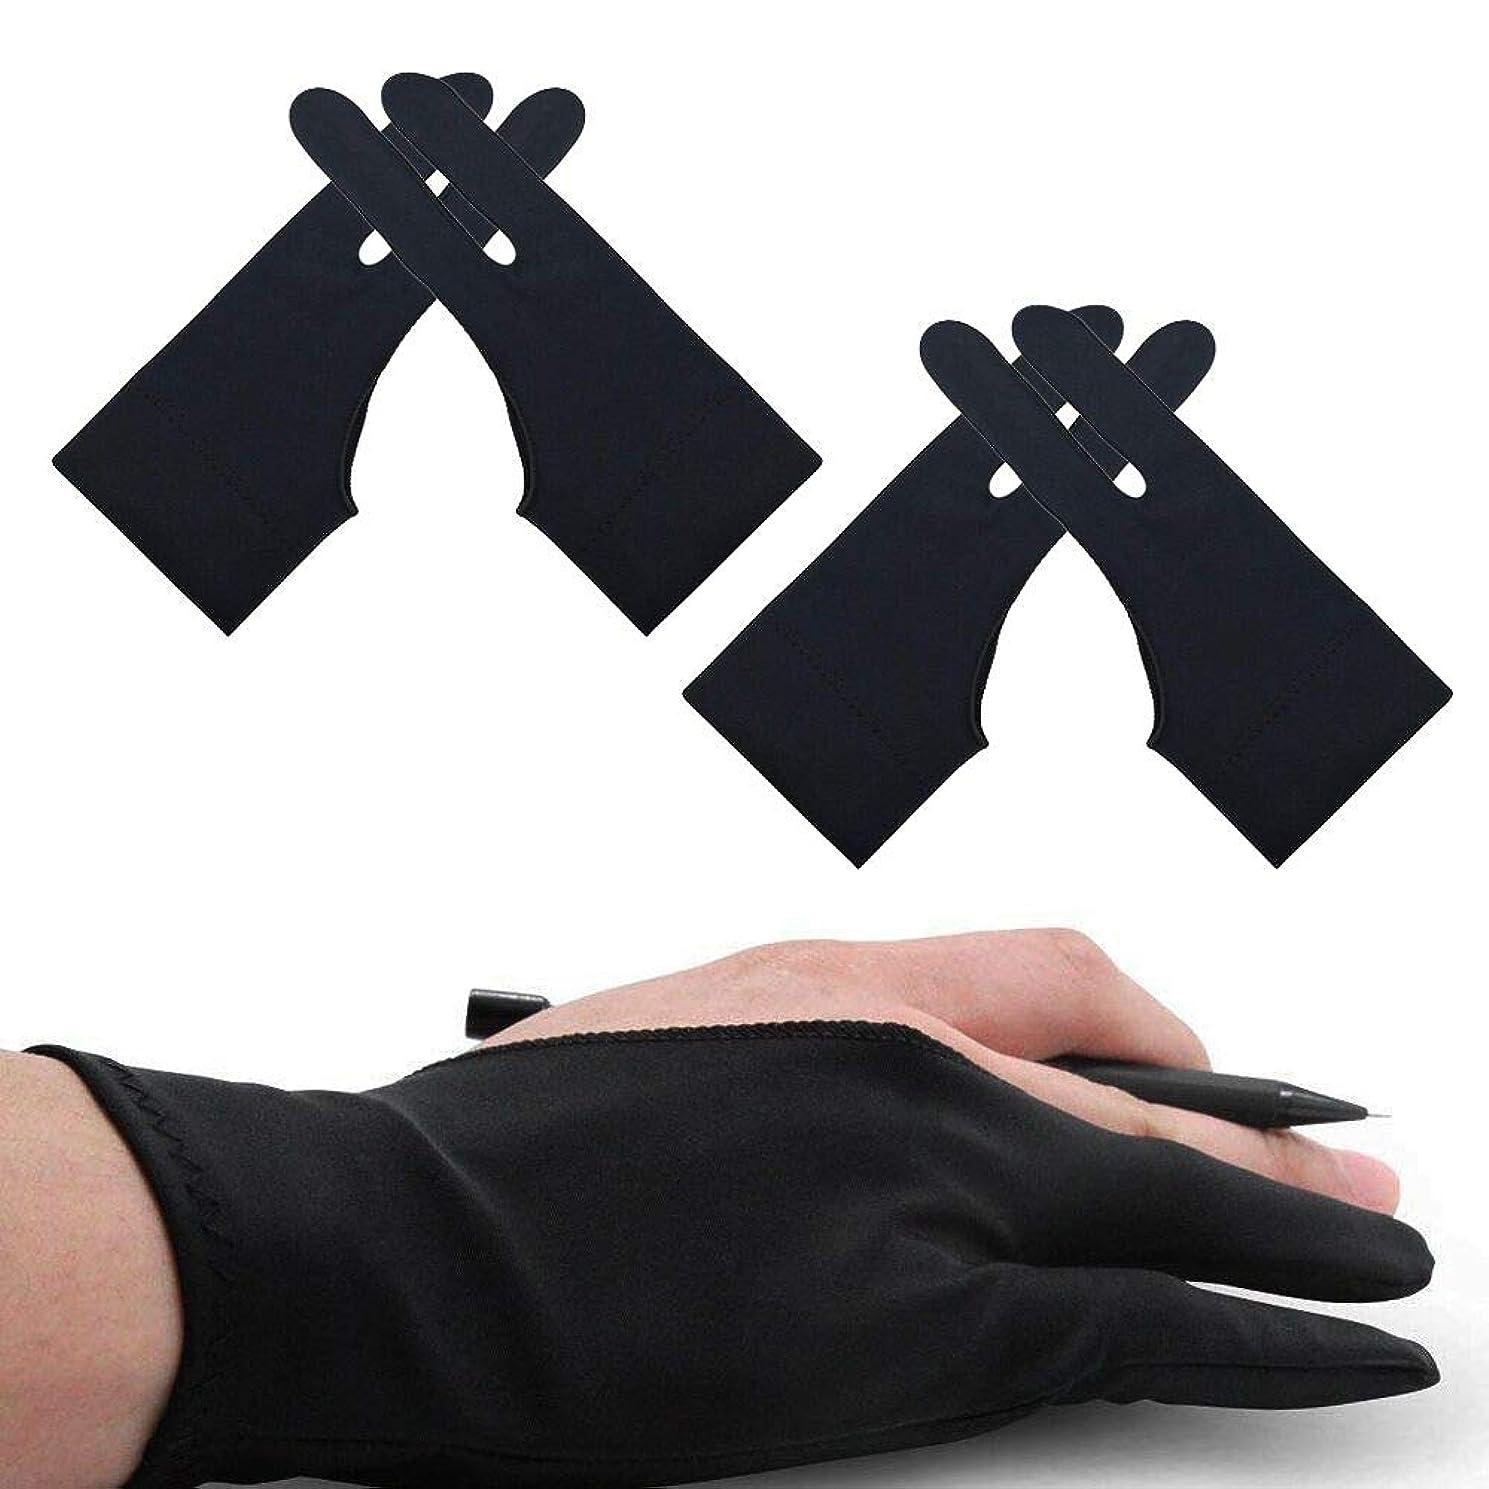 お茶意図するる二本指 グローブ 4枚入り 絵描き手袋 アーティストグローブ 液晶ペン タブレット用 トレースライトパッド グラフィックスモニター対応 フリーサイズ 男女兼用 左利き右利き 防汚 通気